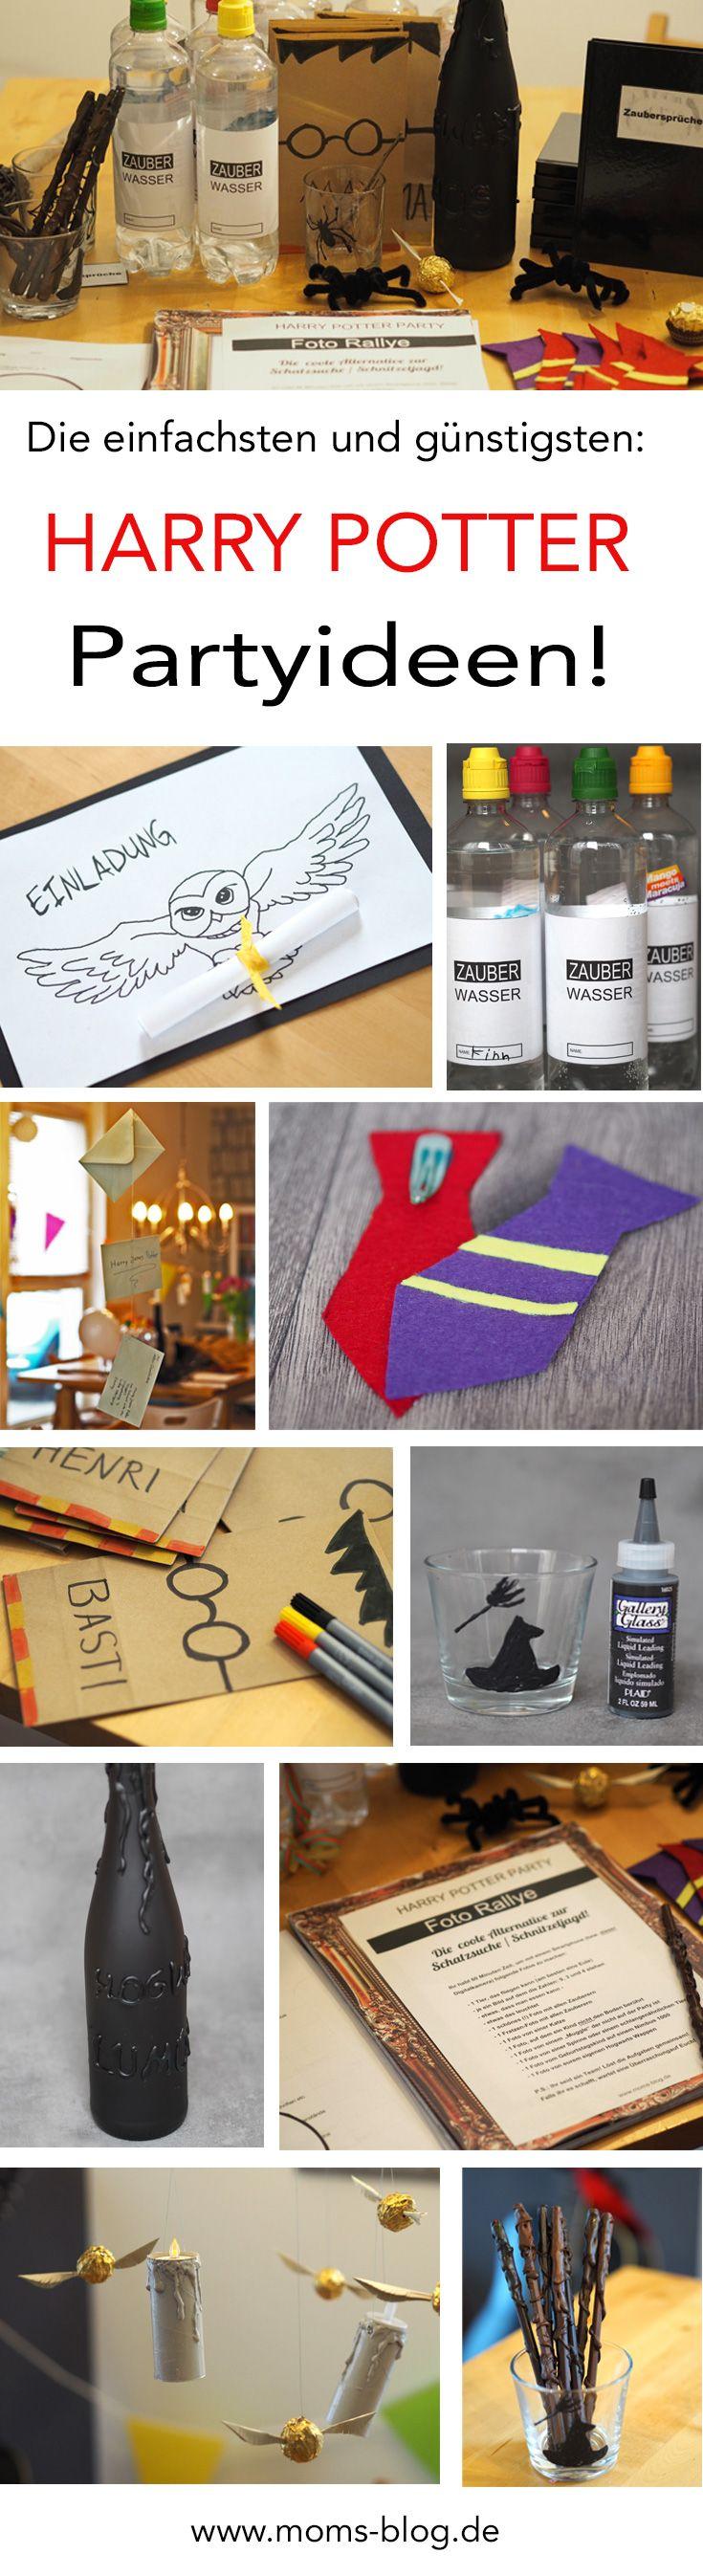 einfache g nstige ideen f r einen harry potter kindergeburtstag animaux fantastiques harry. Black Bedroom Furniture Sets. Home Design Ideas